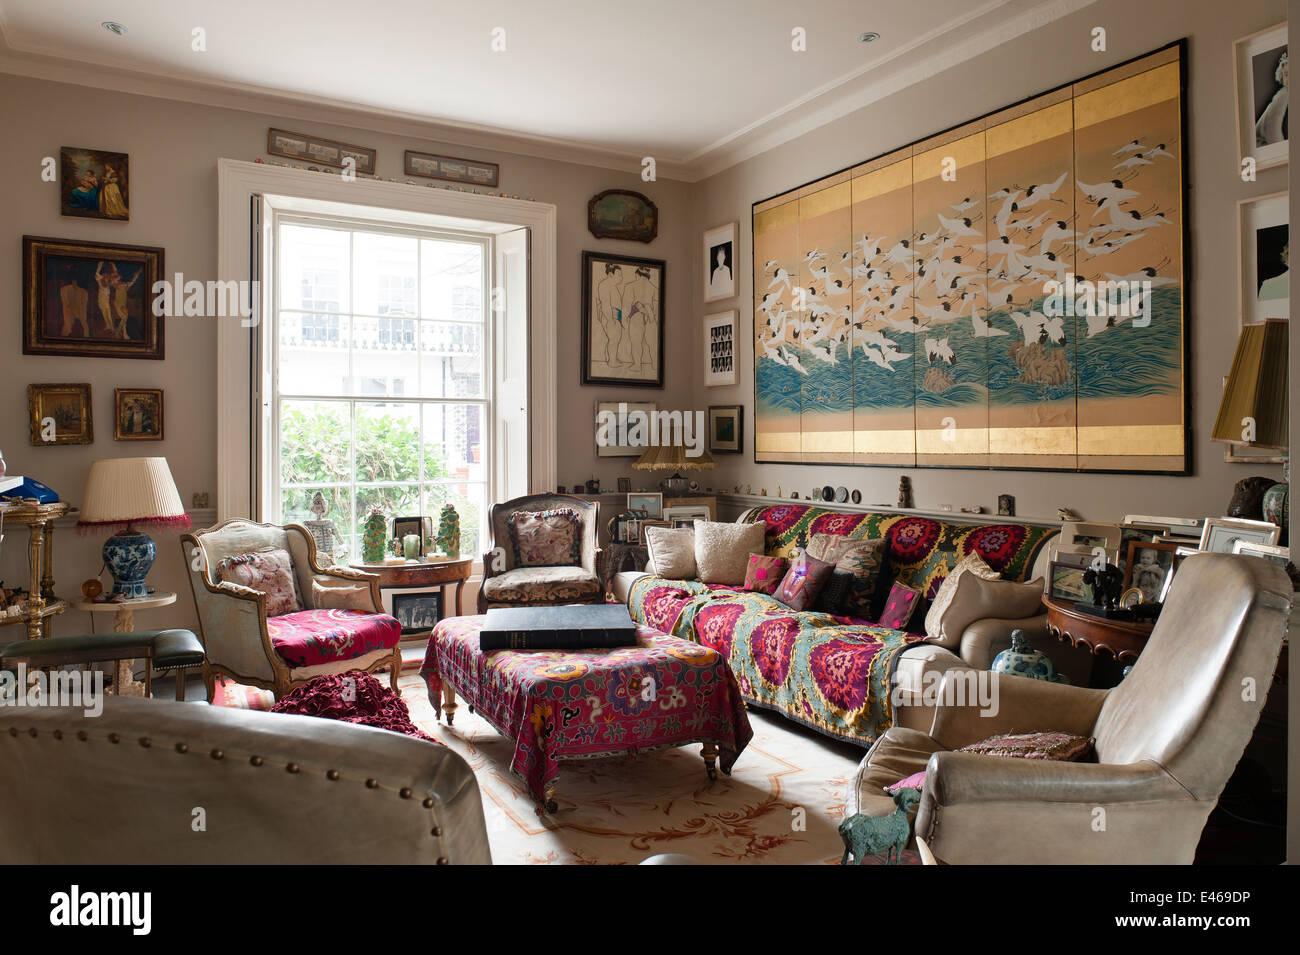 London Nach Hause Shabby Chic Wohnzimmer Mit Samt Sessel Und Kissen